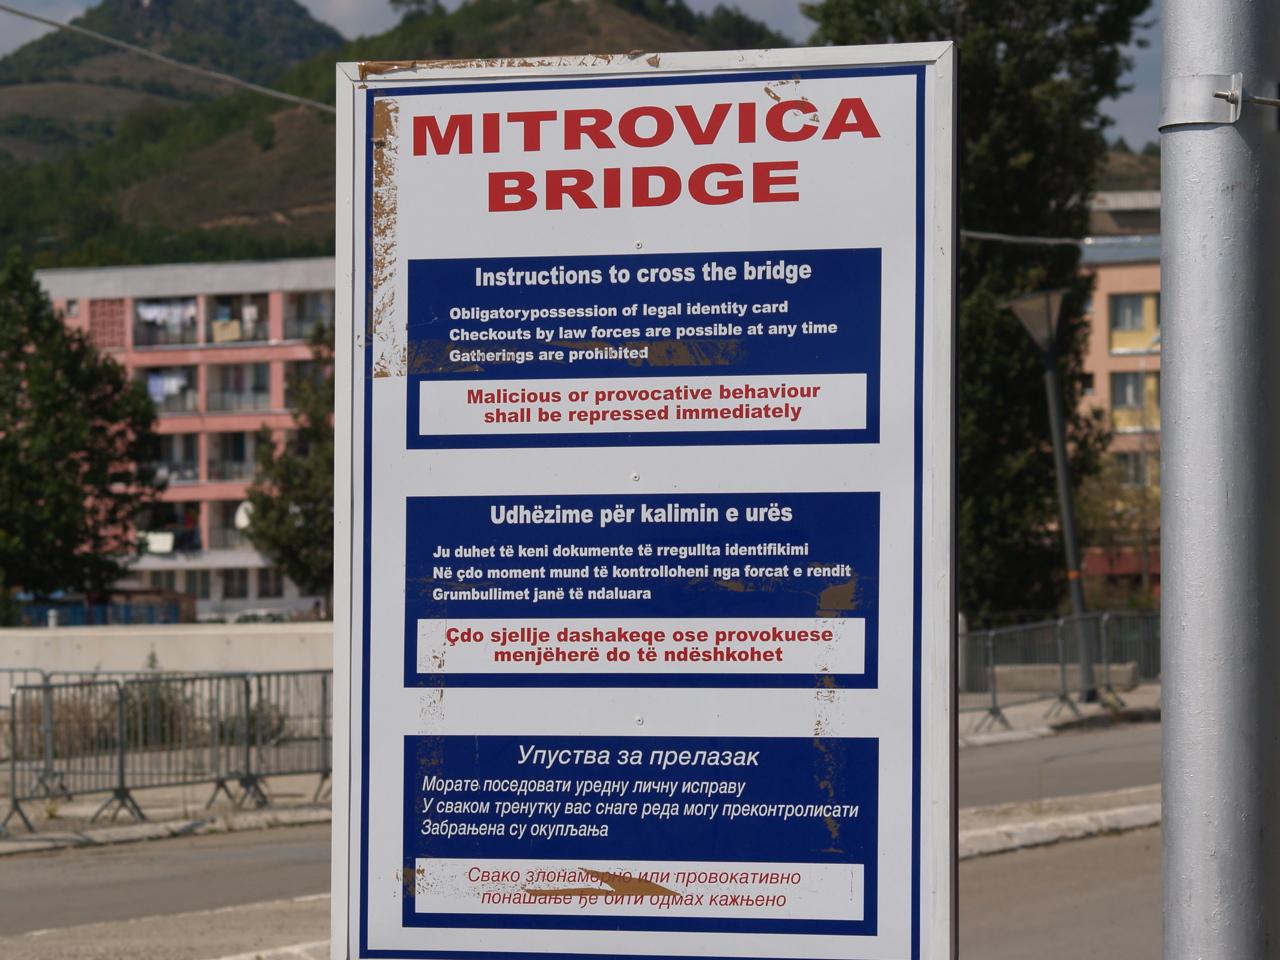 Αποτέλεσμα εικόνας για kosovska mitrovica bridge